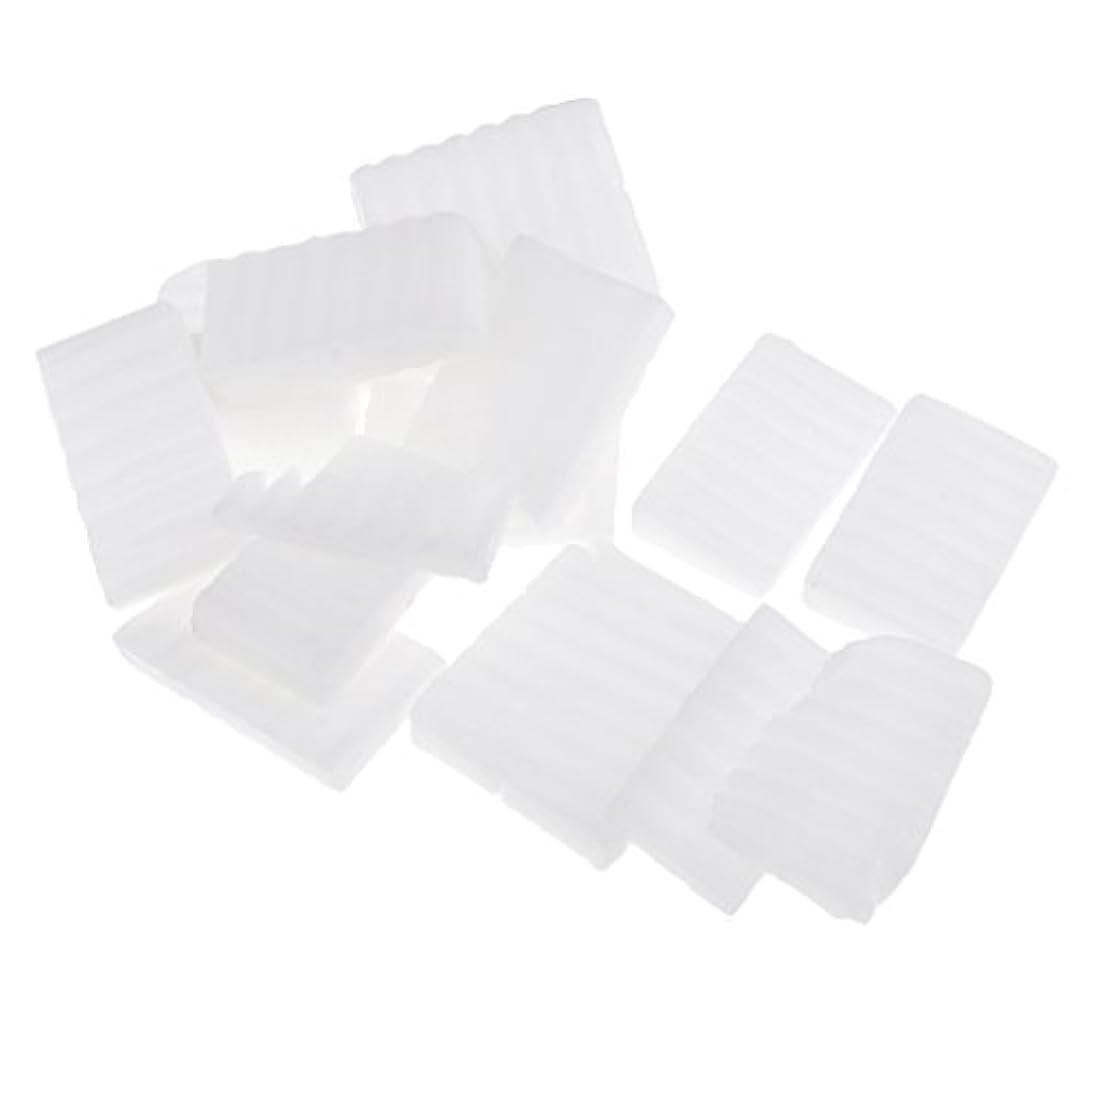 かもめ実質的達成するHomyl 約500g ホワイト 石鹸ベース DIY 手作り 石鹸 材料